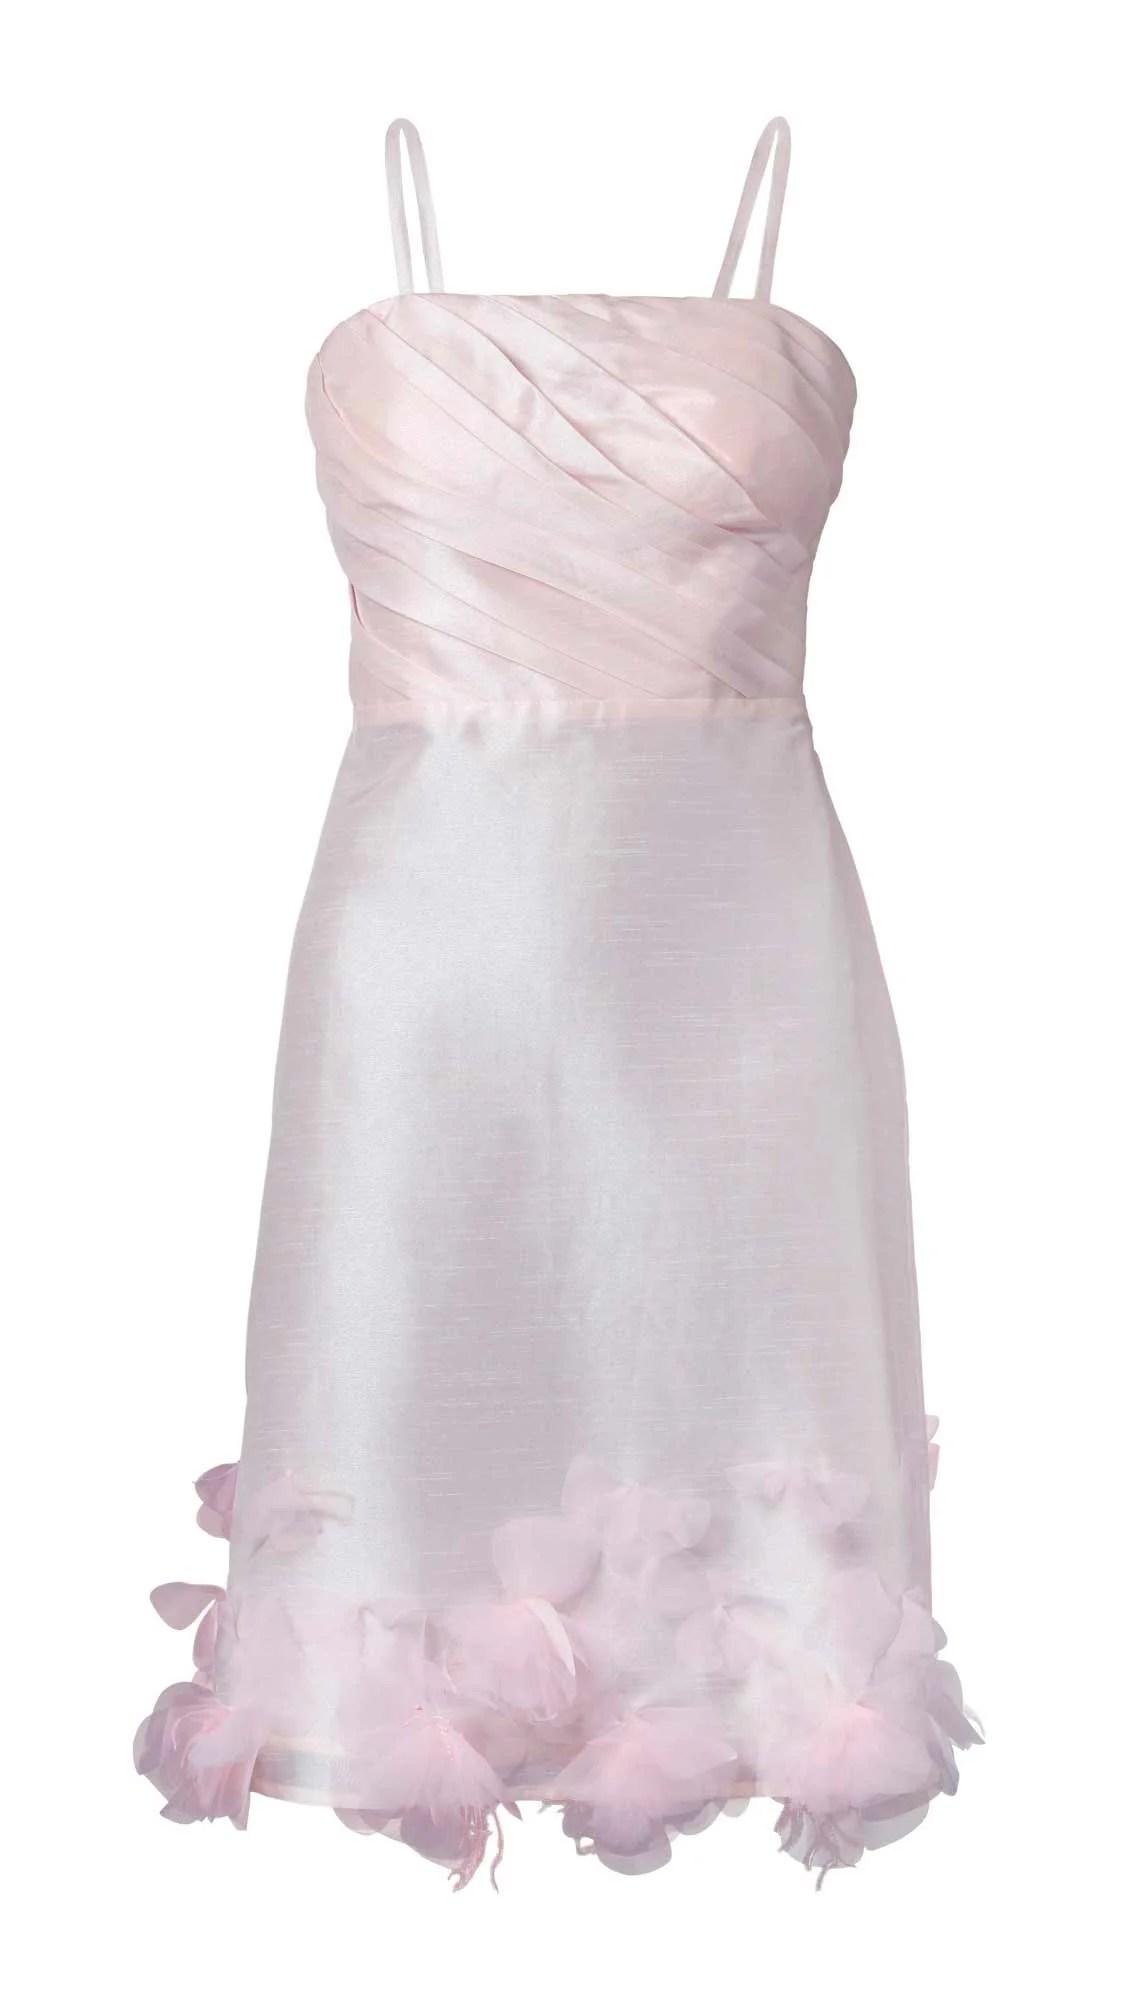 kurzes kleid für besondere anlässe APART Damen Designer-Taftkleid m. Blüten Puder 041.791 Missforty